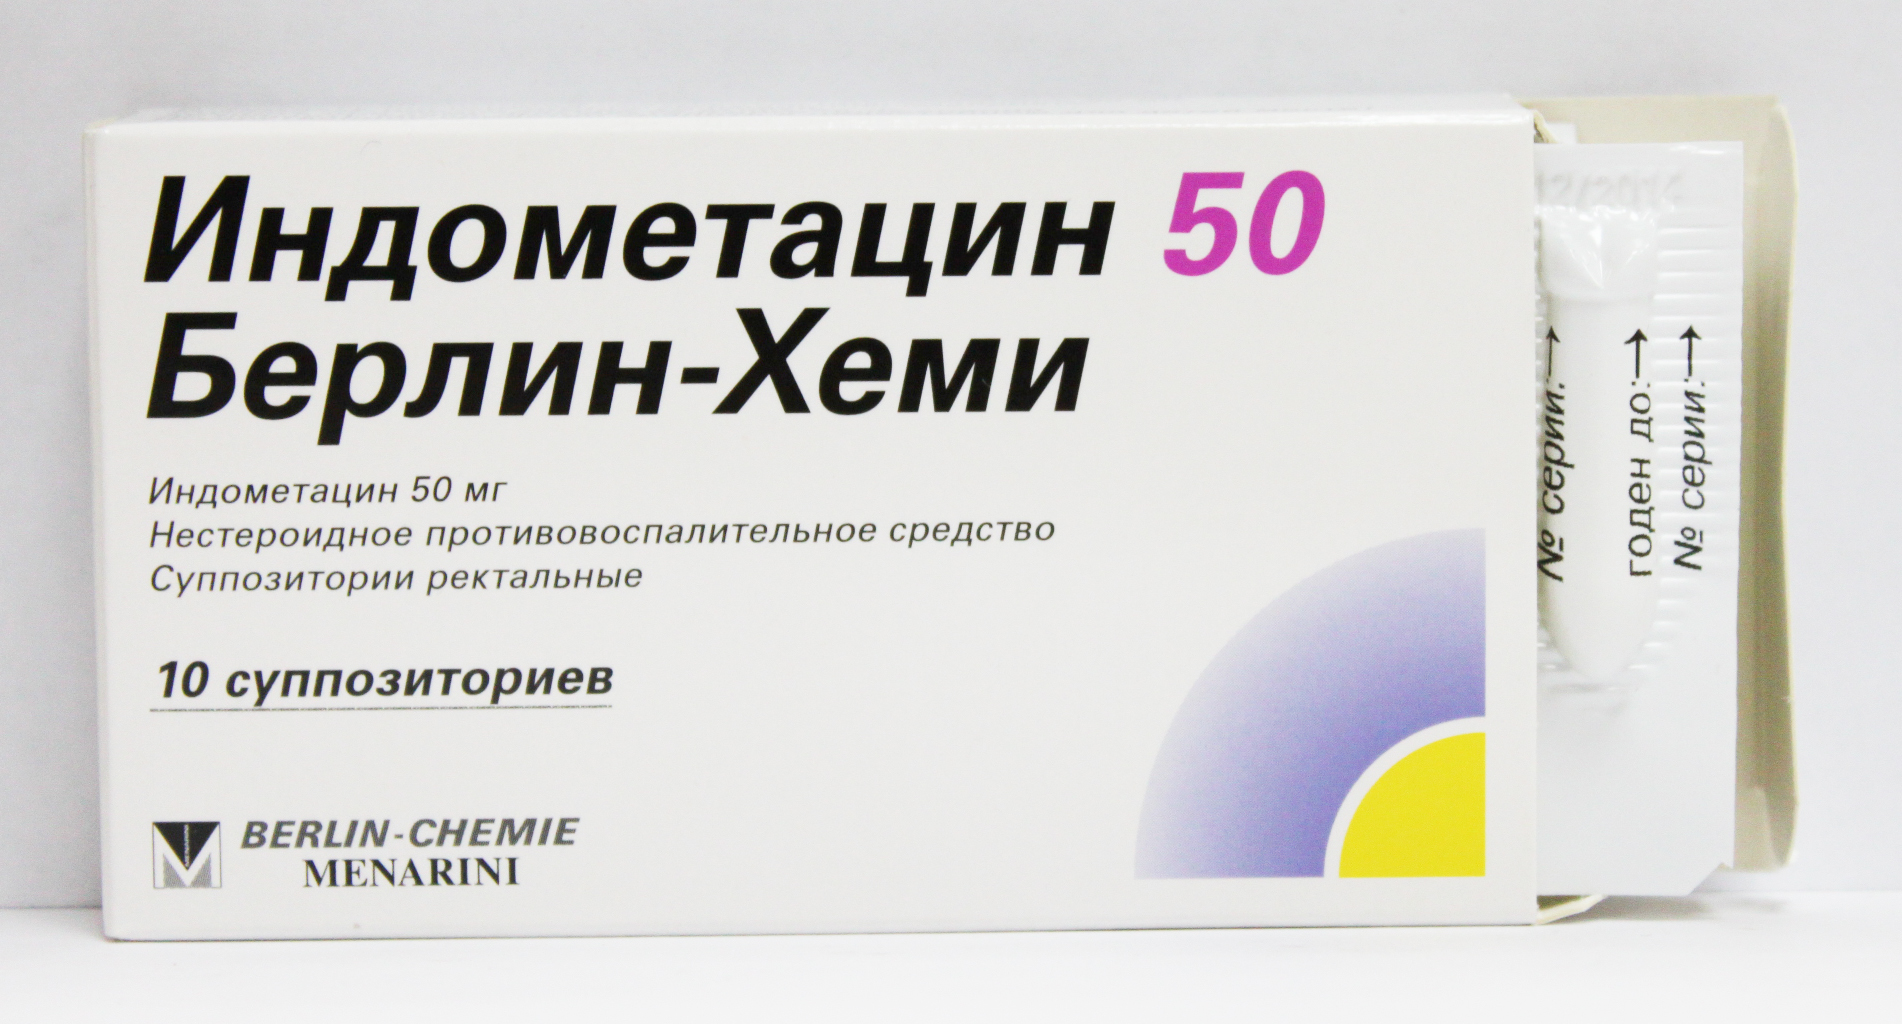 Свечи Индометацин при лечении гинекологических заболеваний